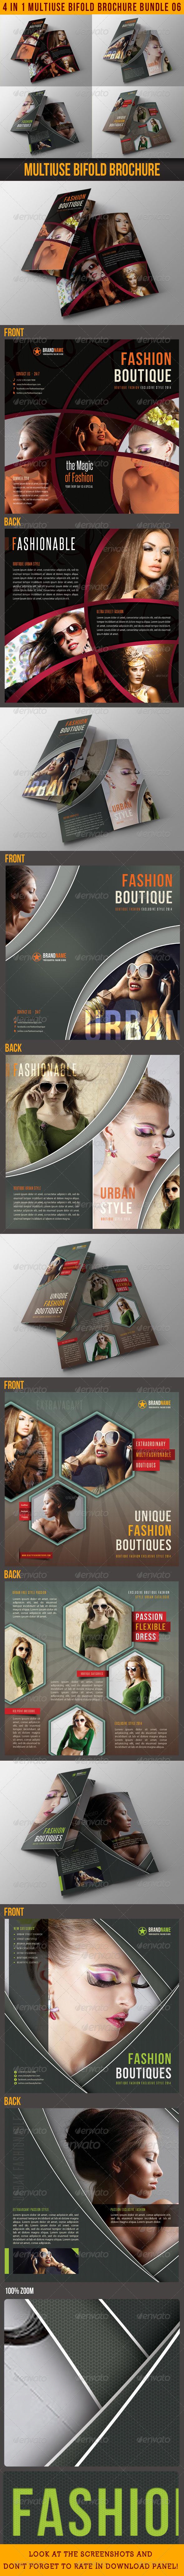 GraphicRiver 4 in 1 Fashion Multiuse Bifold Brochure Bundle 06 6753229